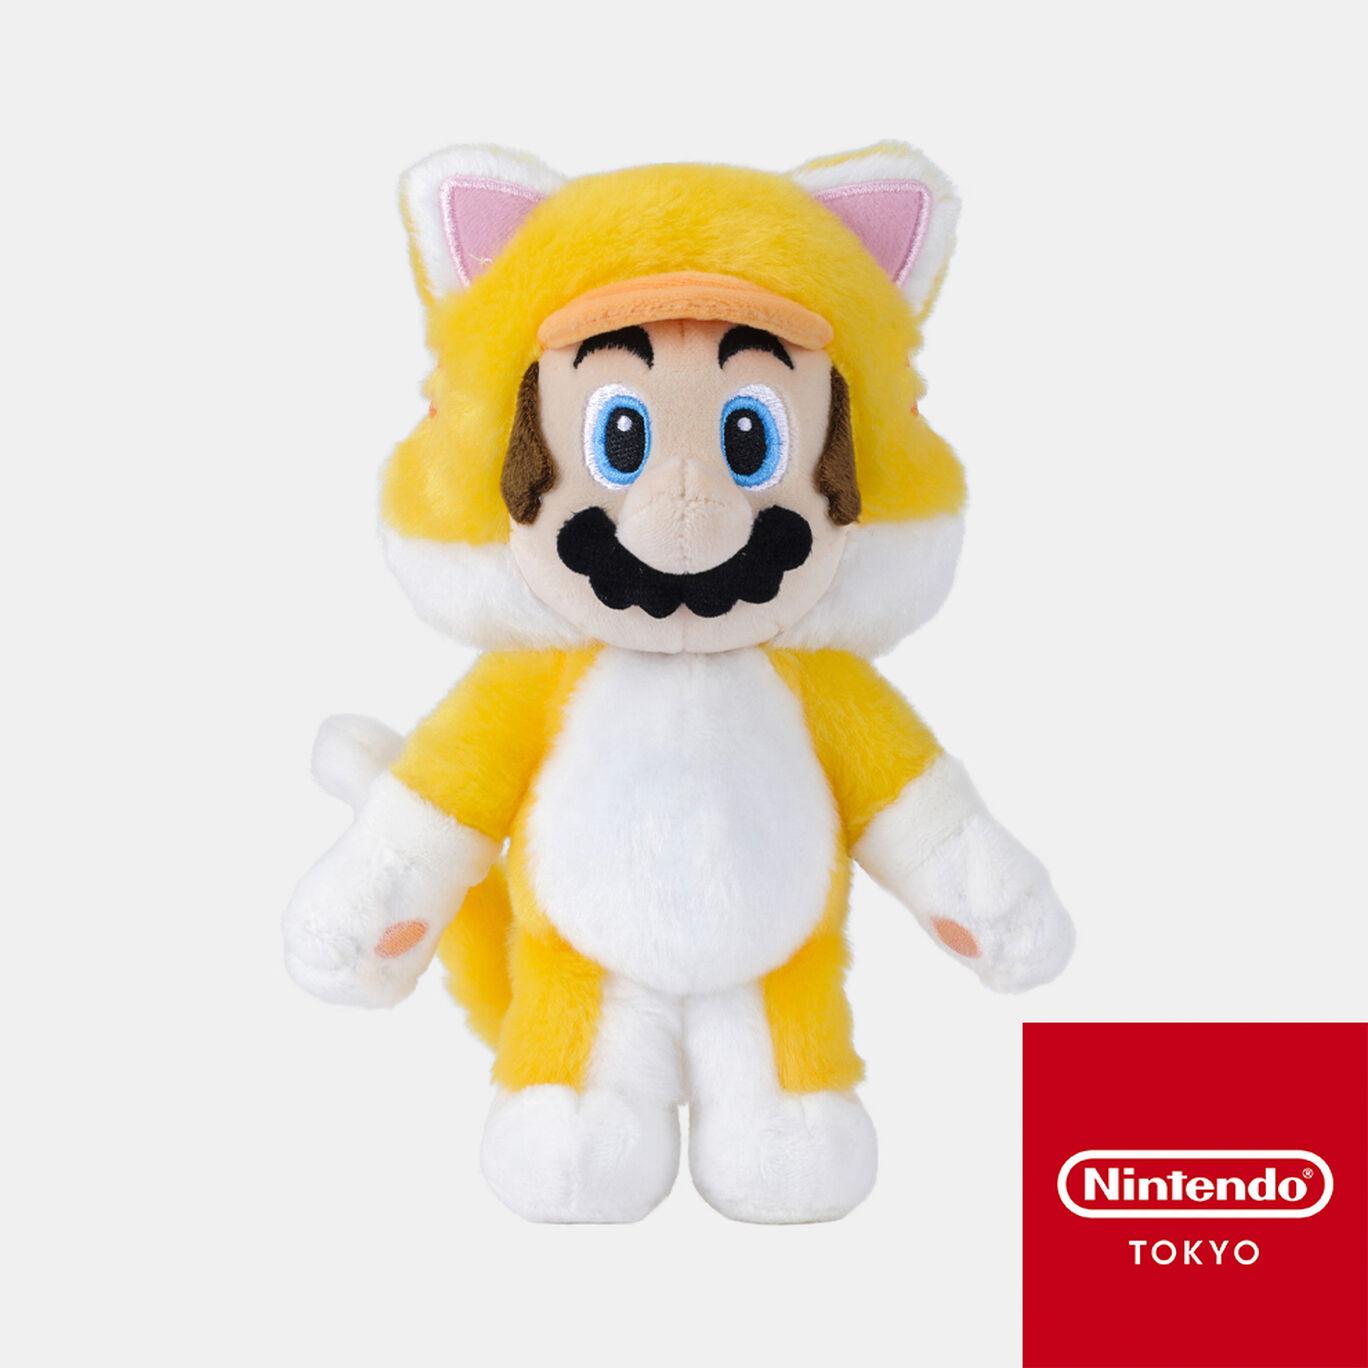 マスコット スーパーマリオ パワーアップ C【Nintendo TOKYO取り扱い商品】